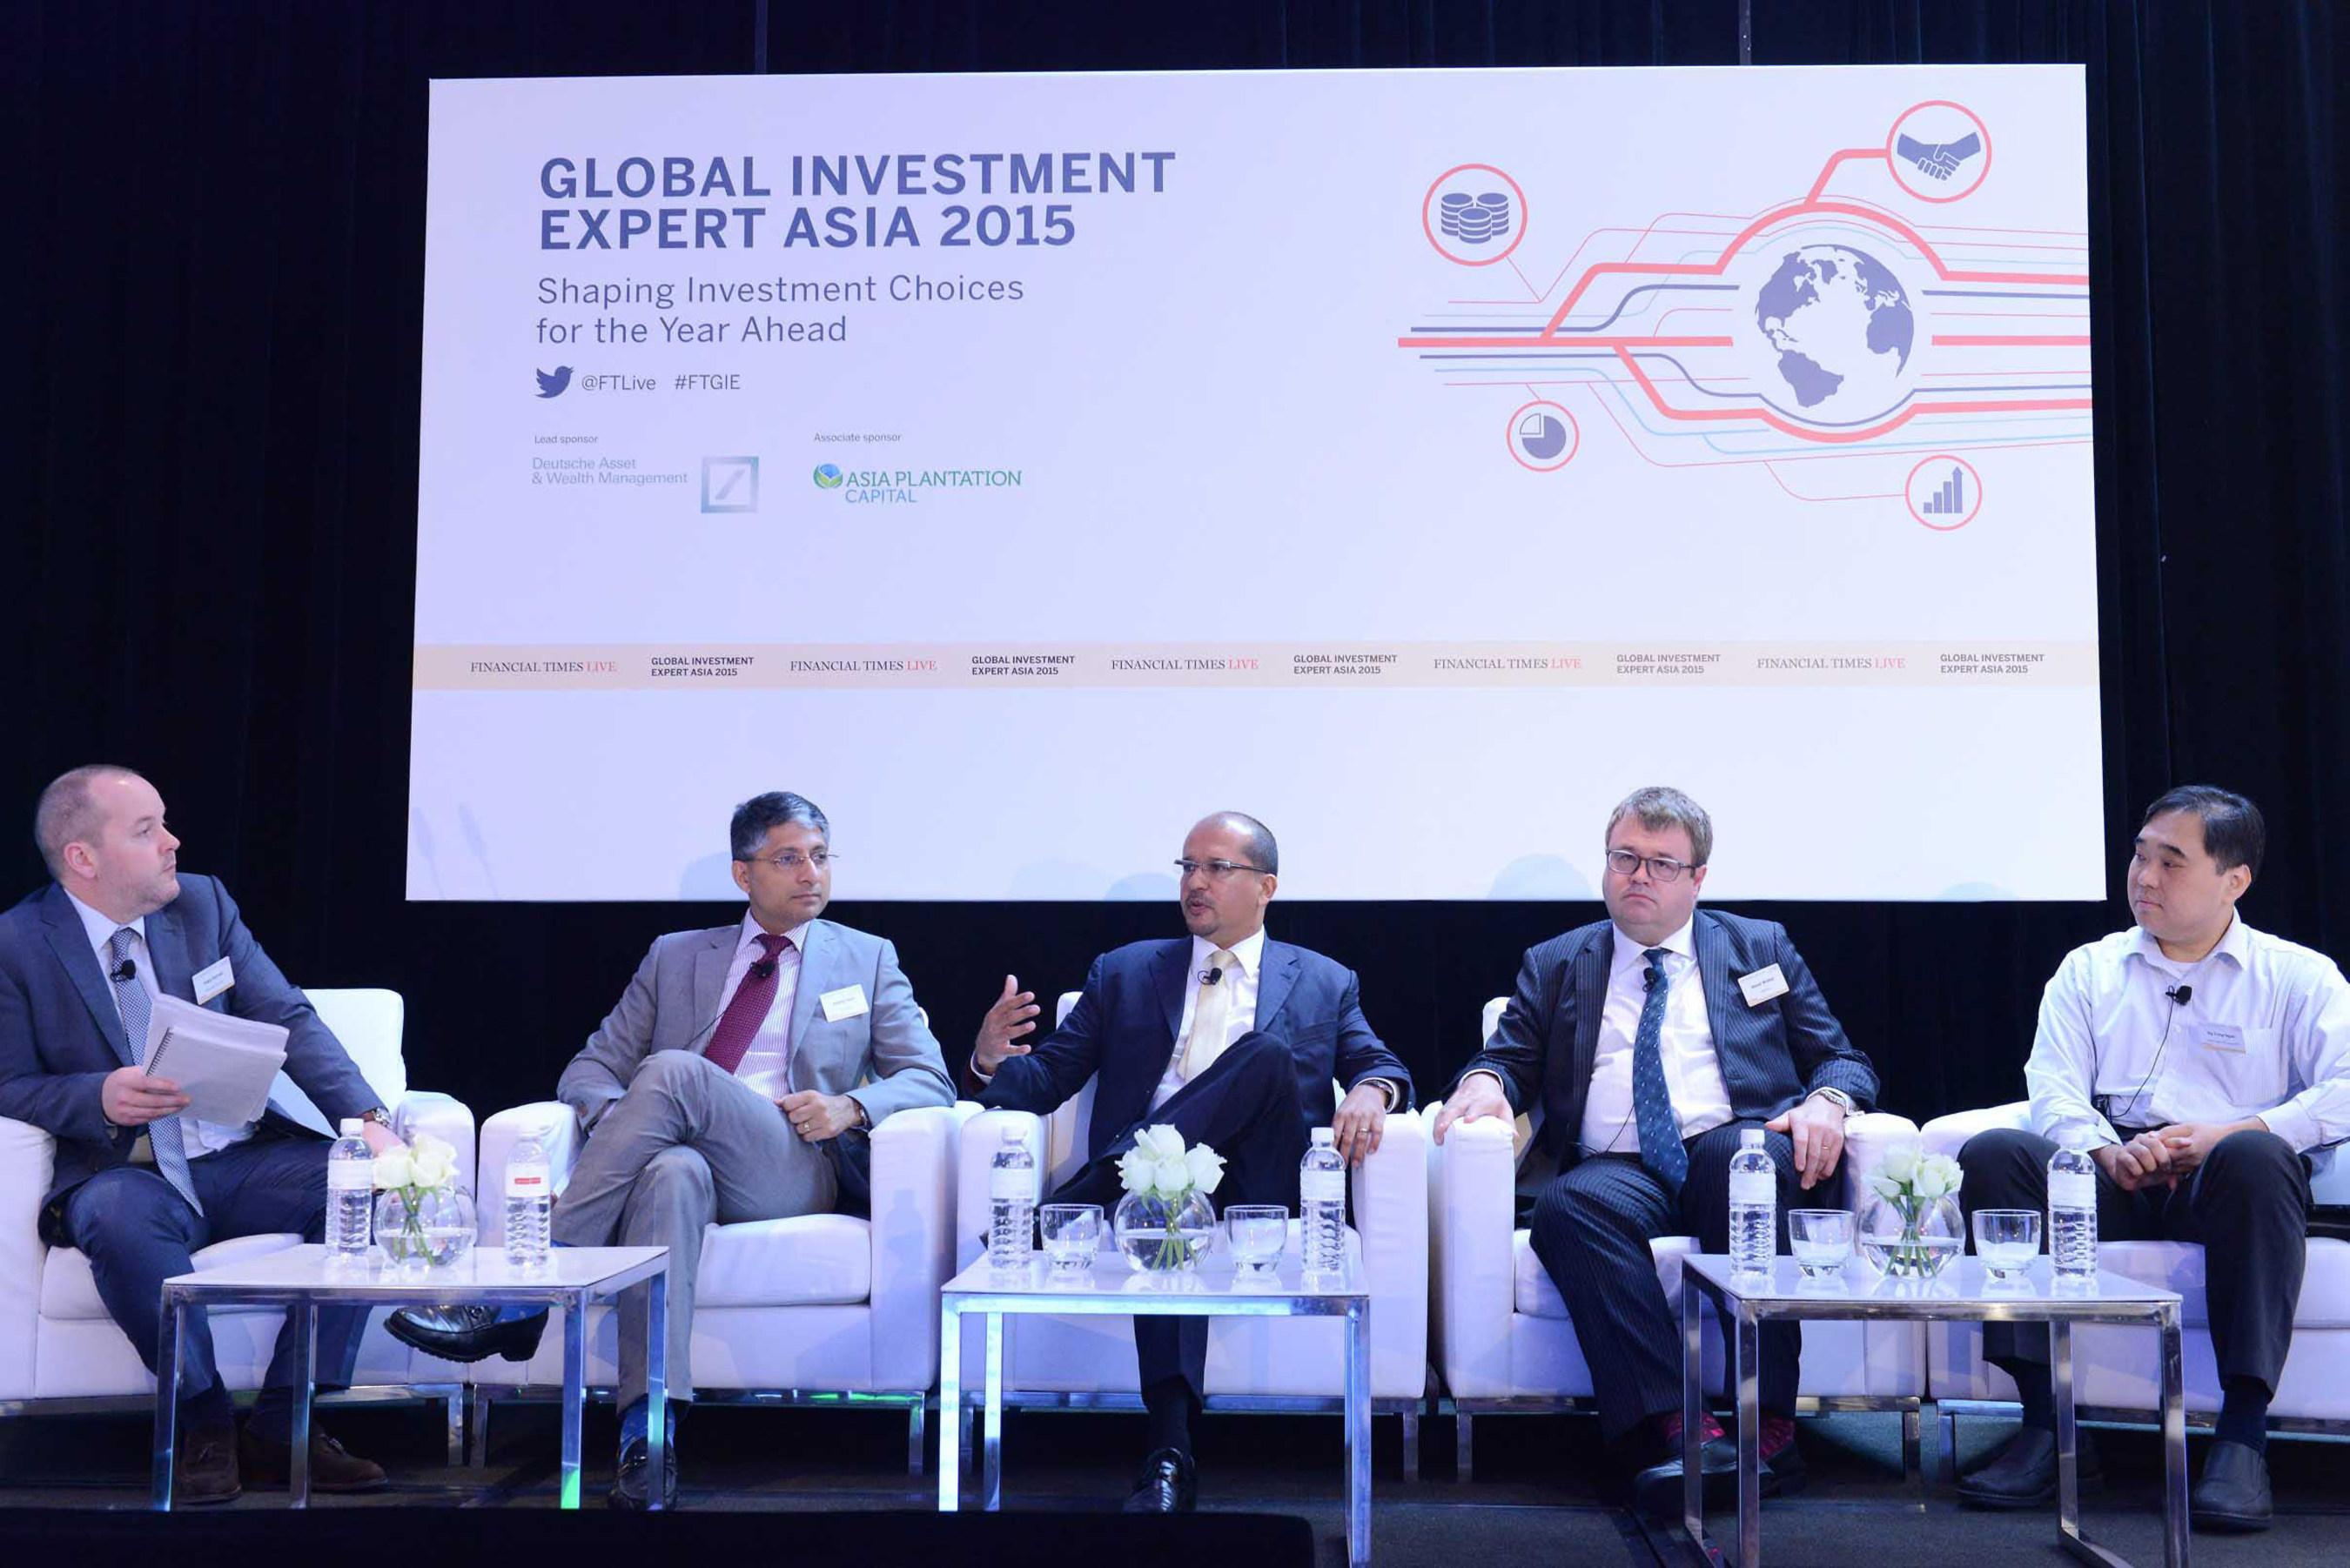 Asia Plantation Capital : Une diversification intéressante compte tenu de la conjoncture et des